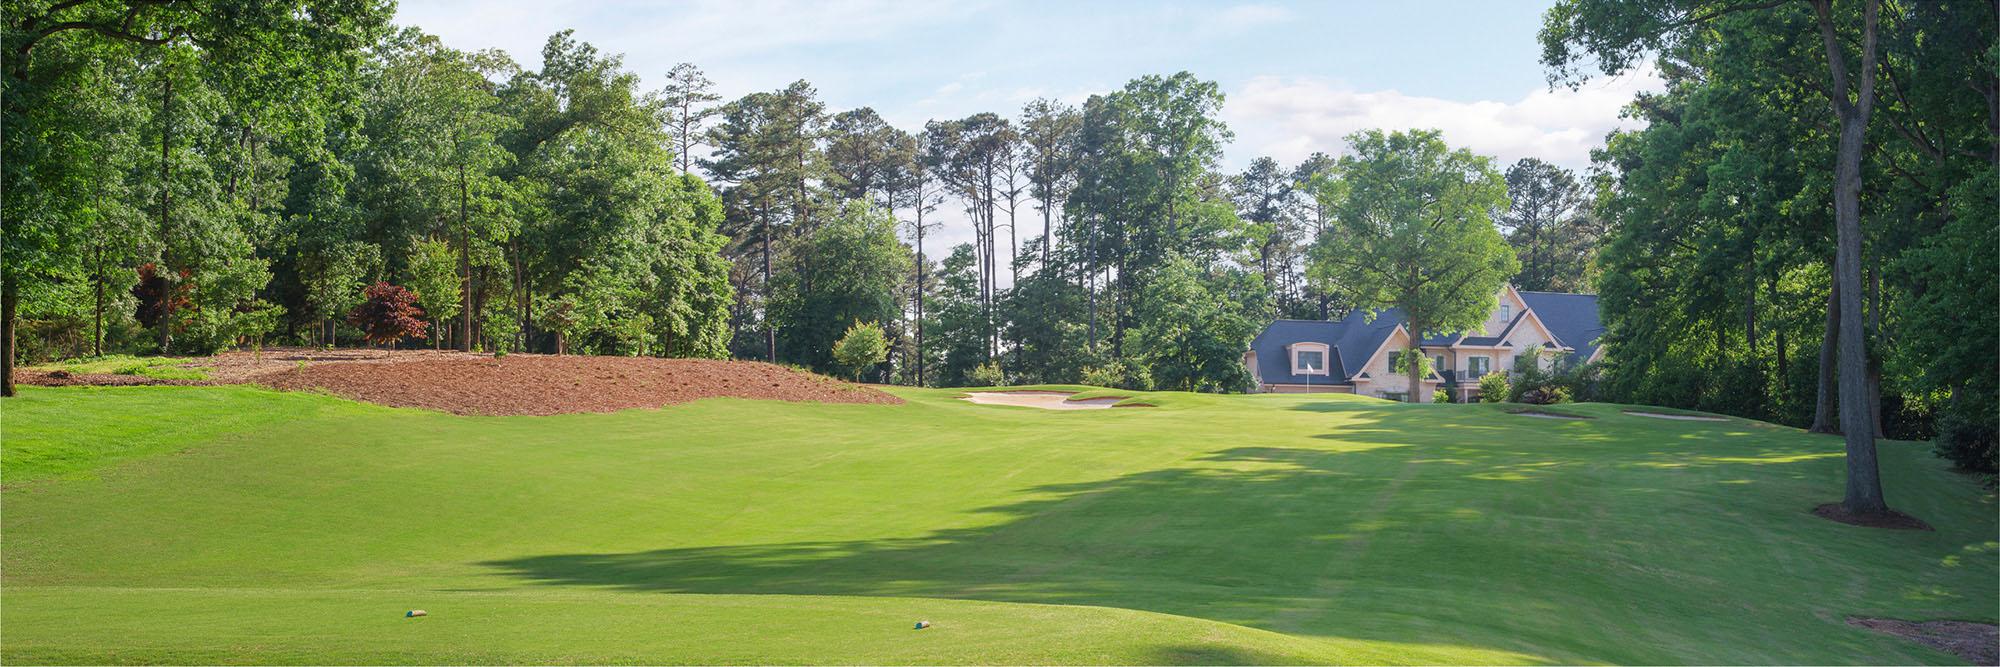 Golf Course Image - MacGregor Downs No. 8